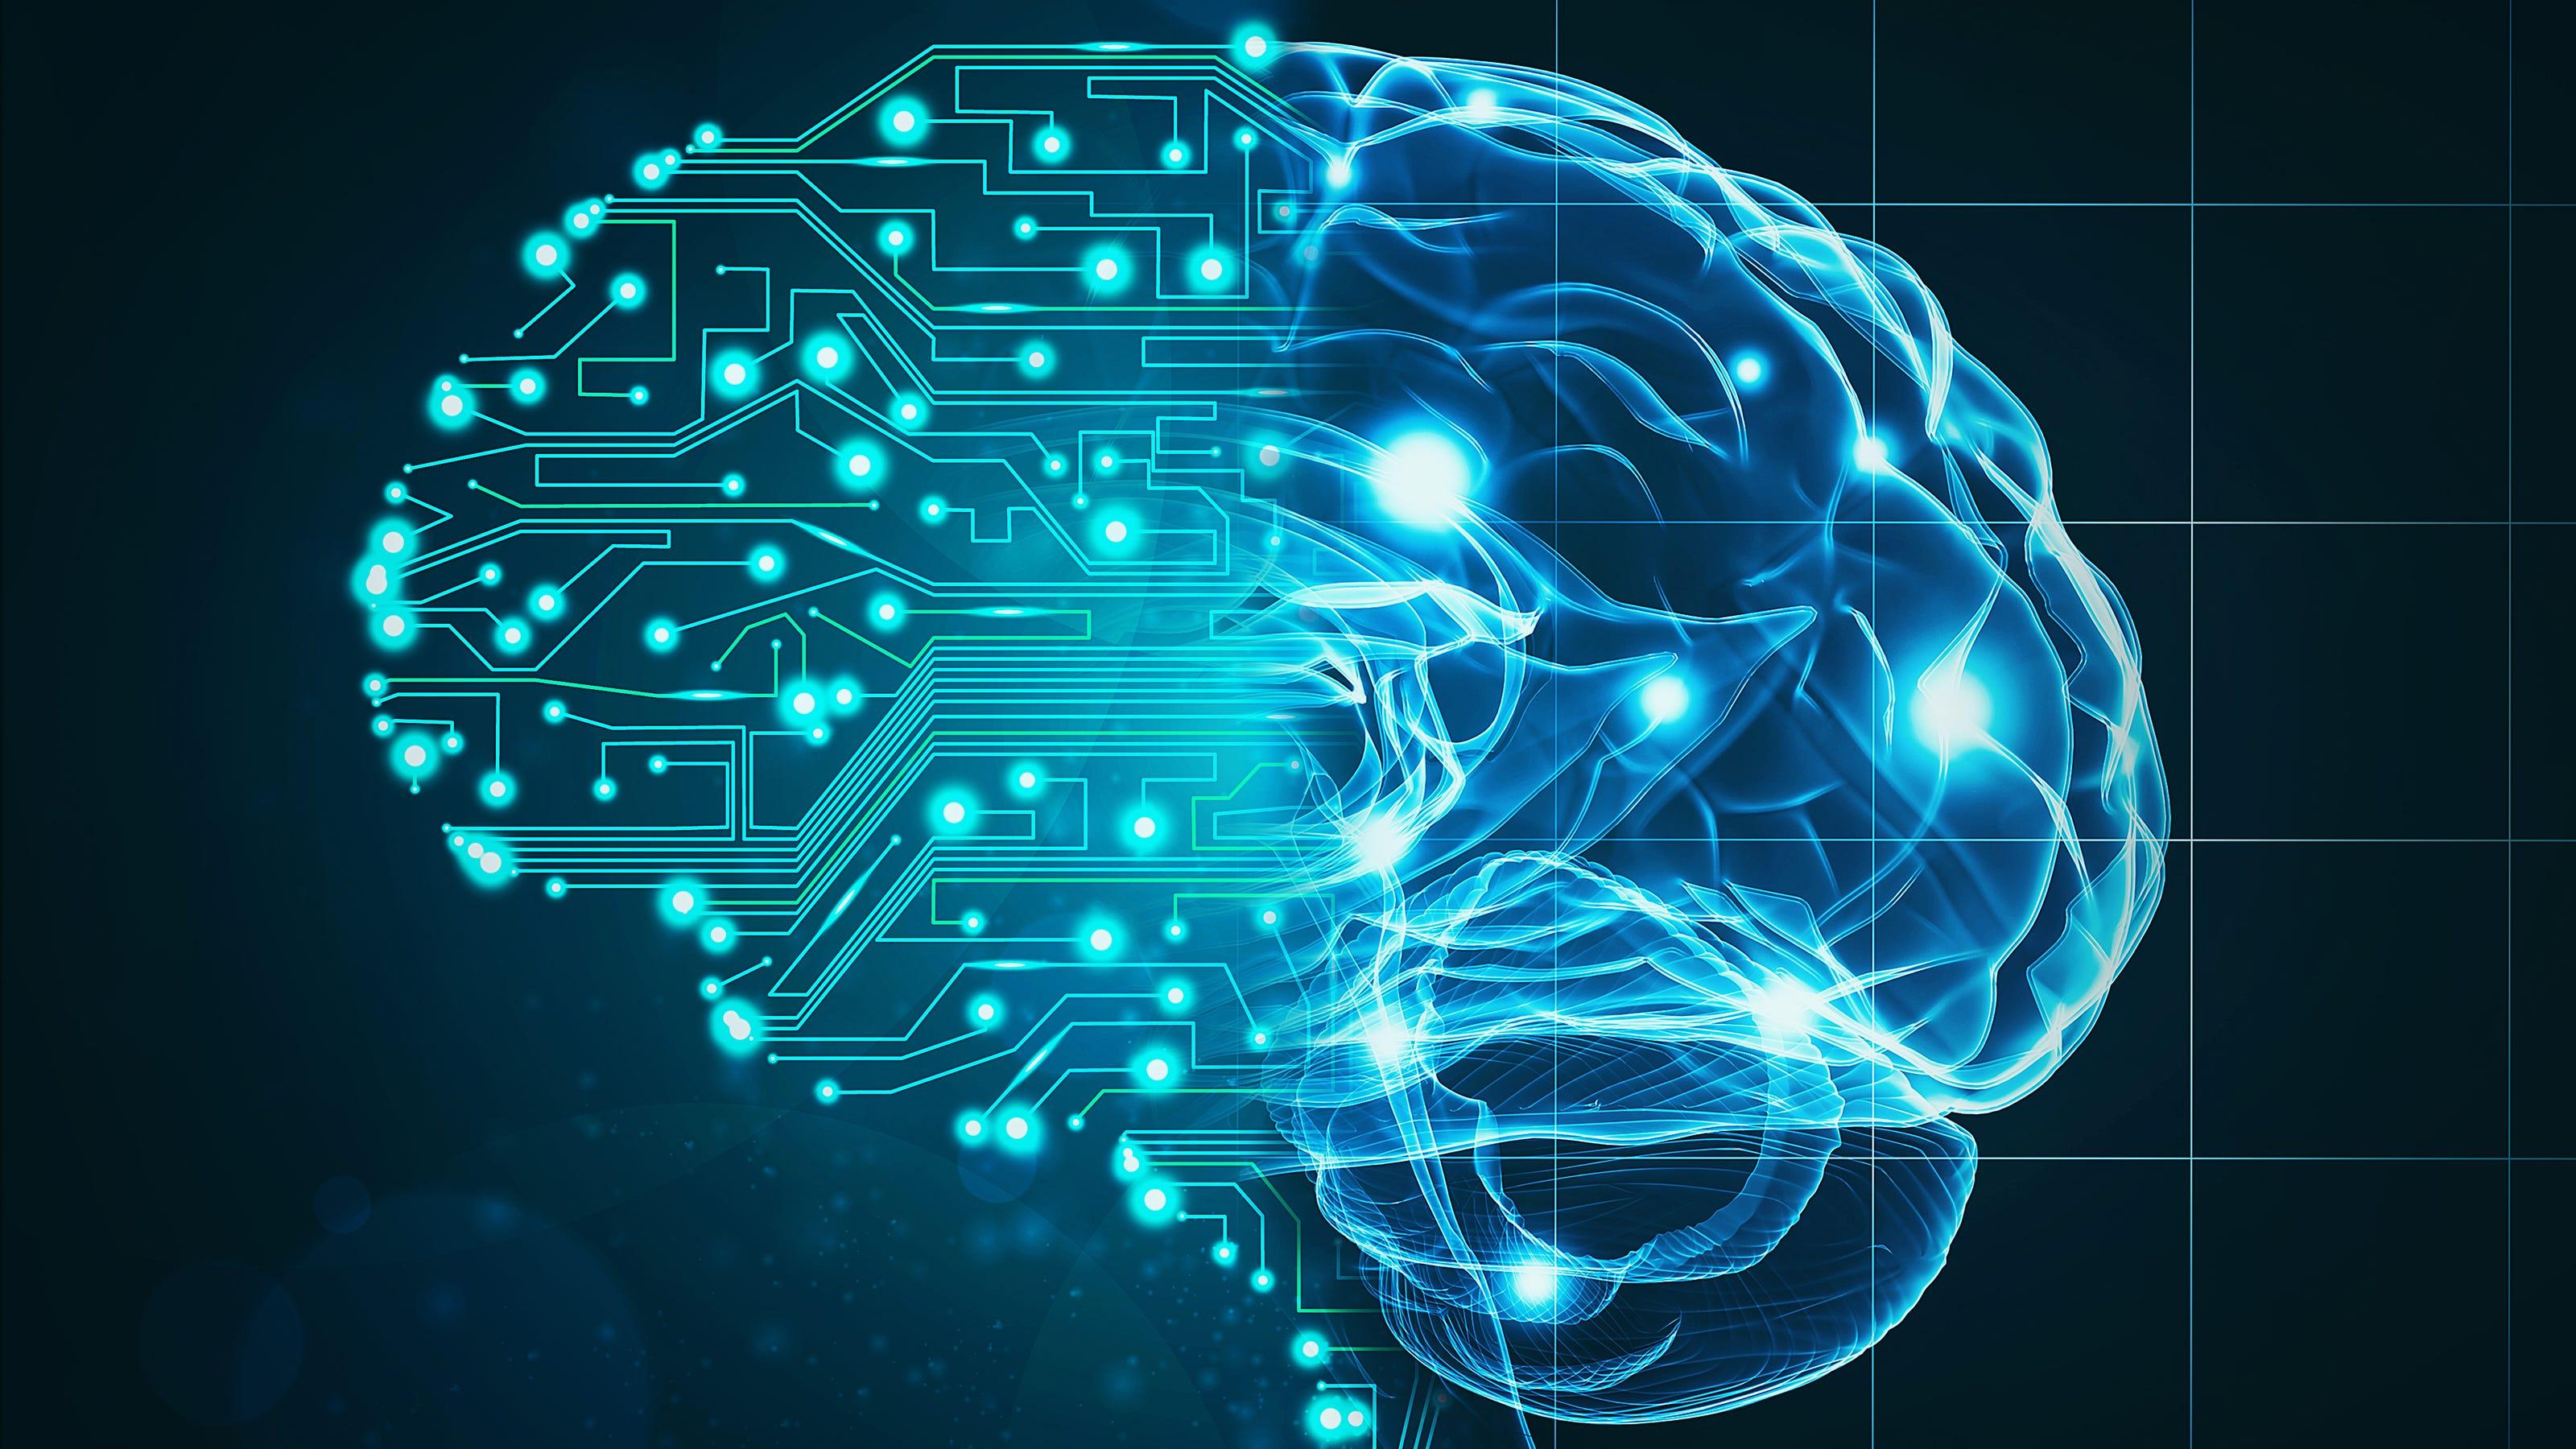 РФПИ запустил в России диагностику COVID-19 с использованием искусственного интеллекта